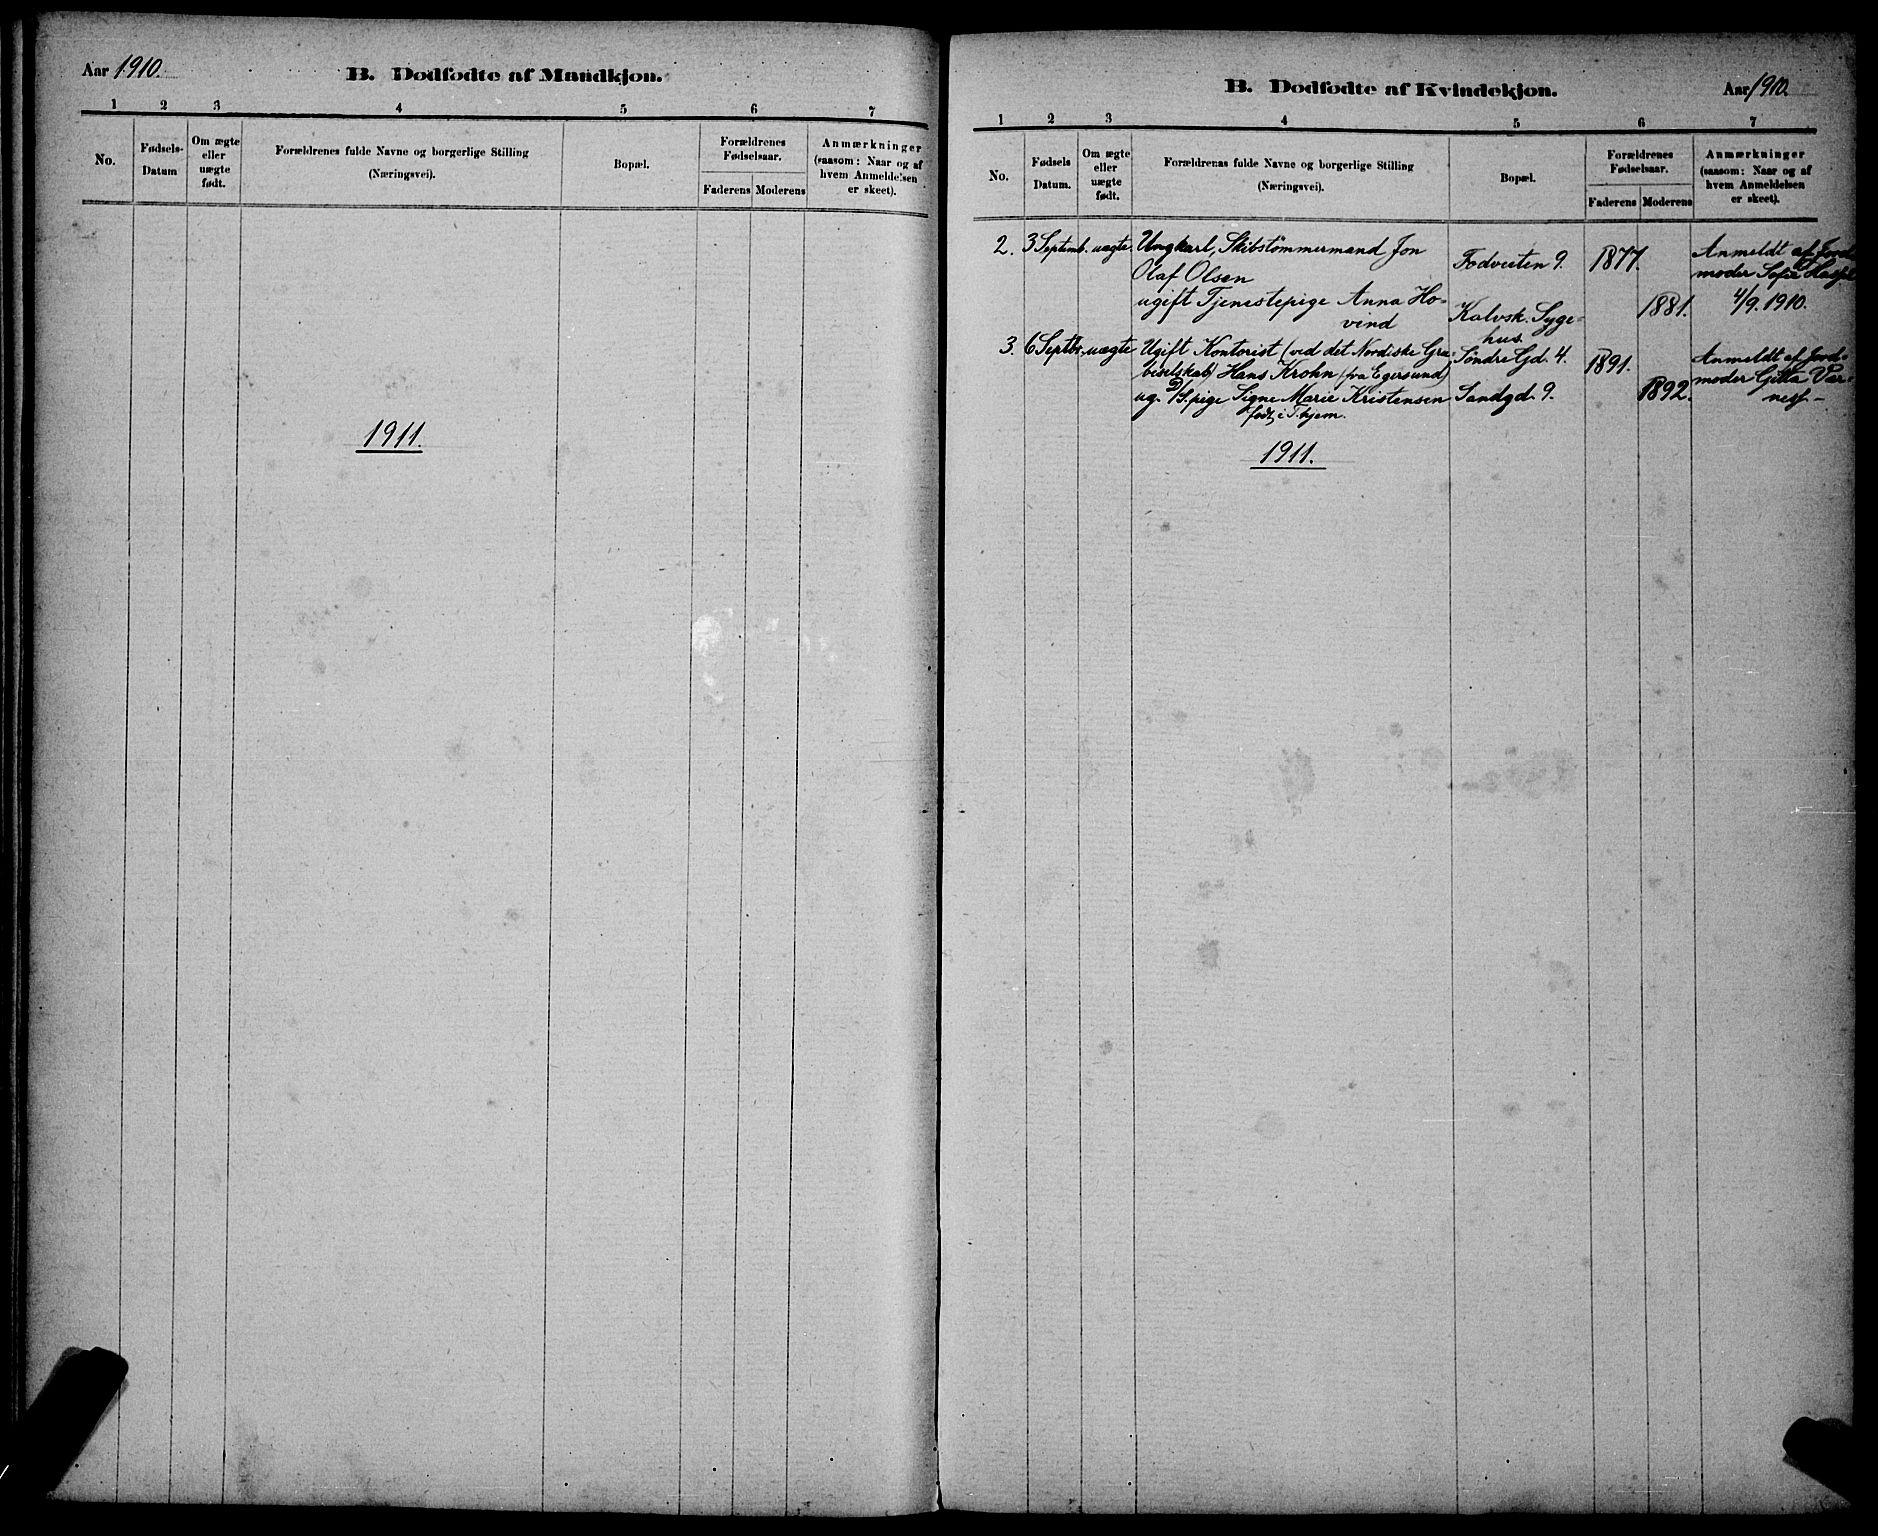 SAT, Ministerialprotokoller, klokkerbøker og fødselsregistre - Sør-Trøndelag, 602/L0143: Klokkerbok nr. 602C11, 1878-1902